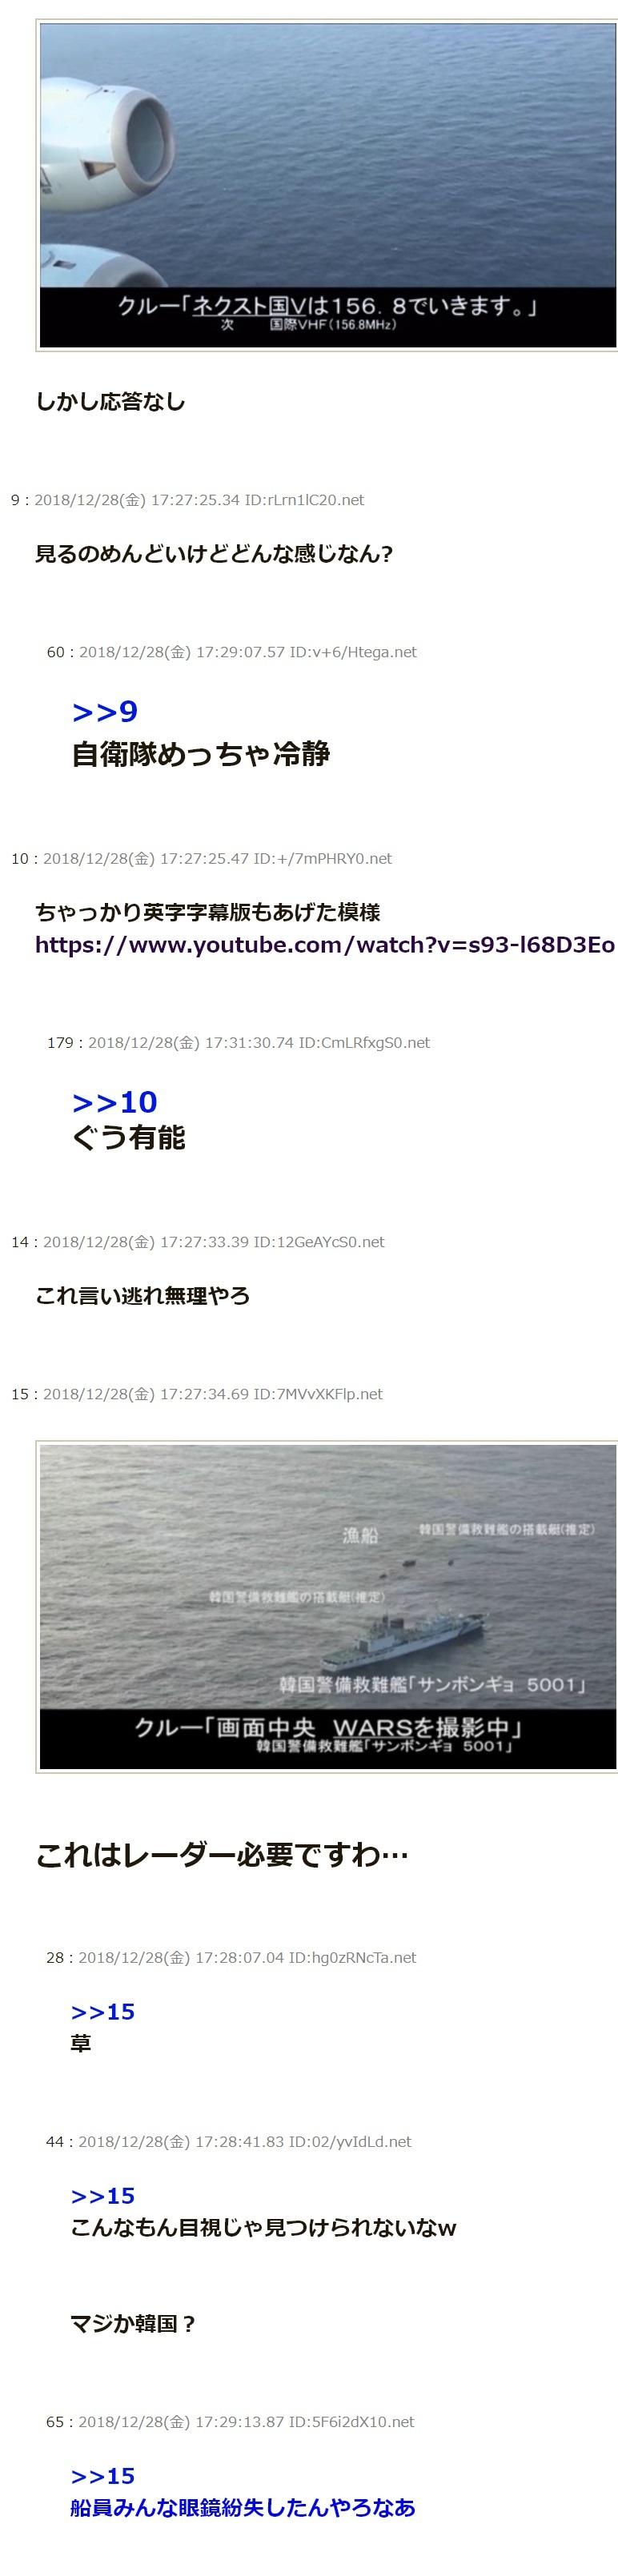 日本へ敵対行為をとったチョン5